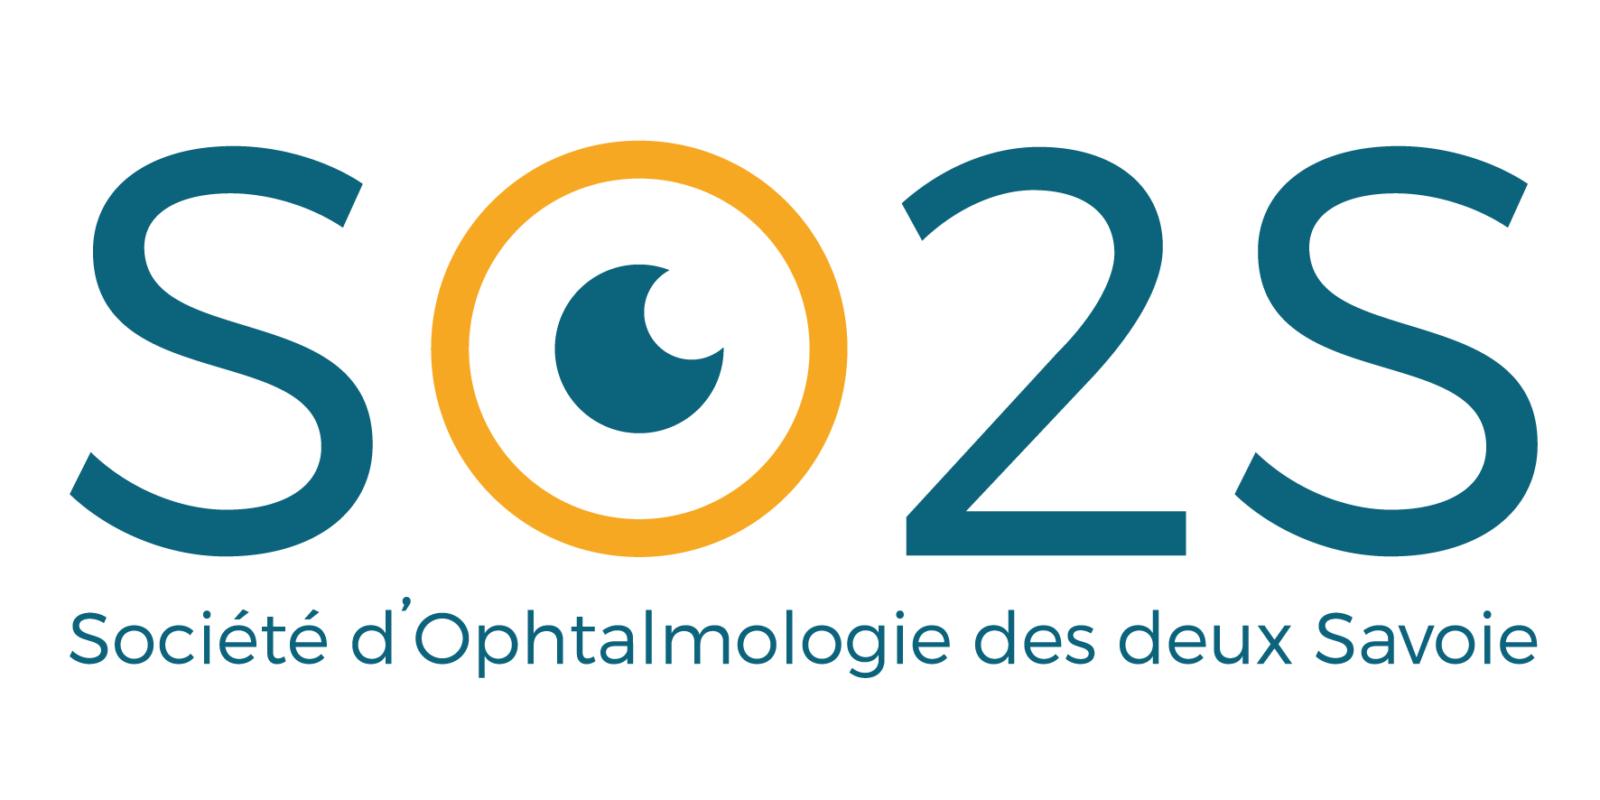 Creation de logo association SO2S - Société d'Ophtalmologie des deux Savoie - LOGO HD